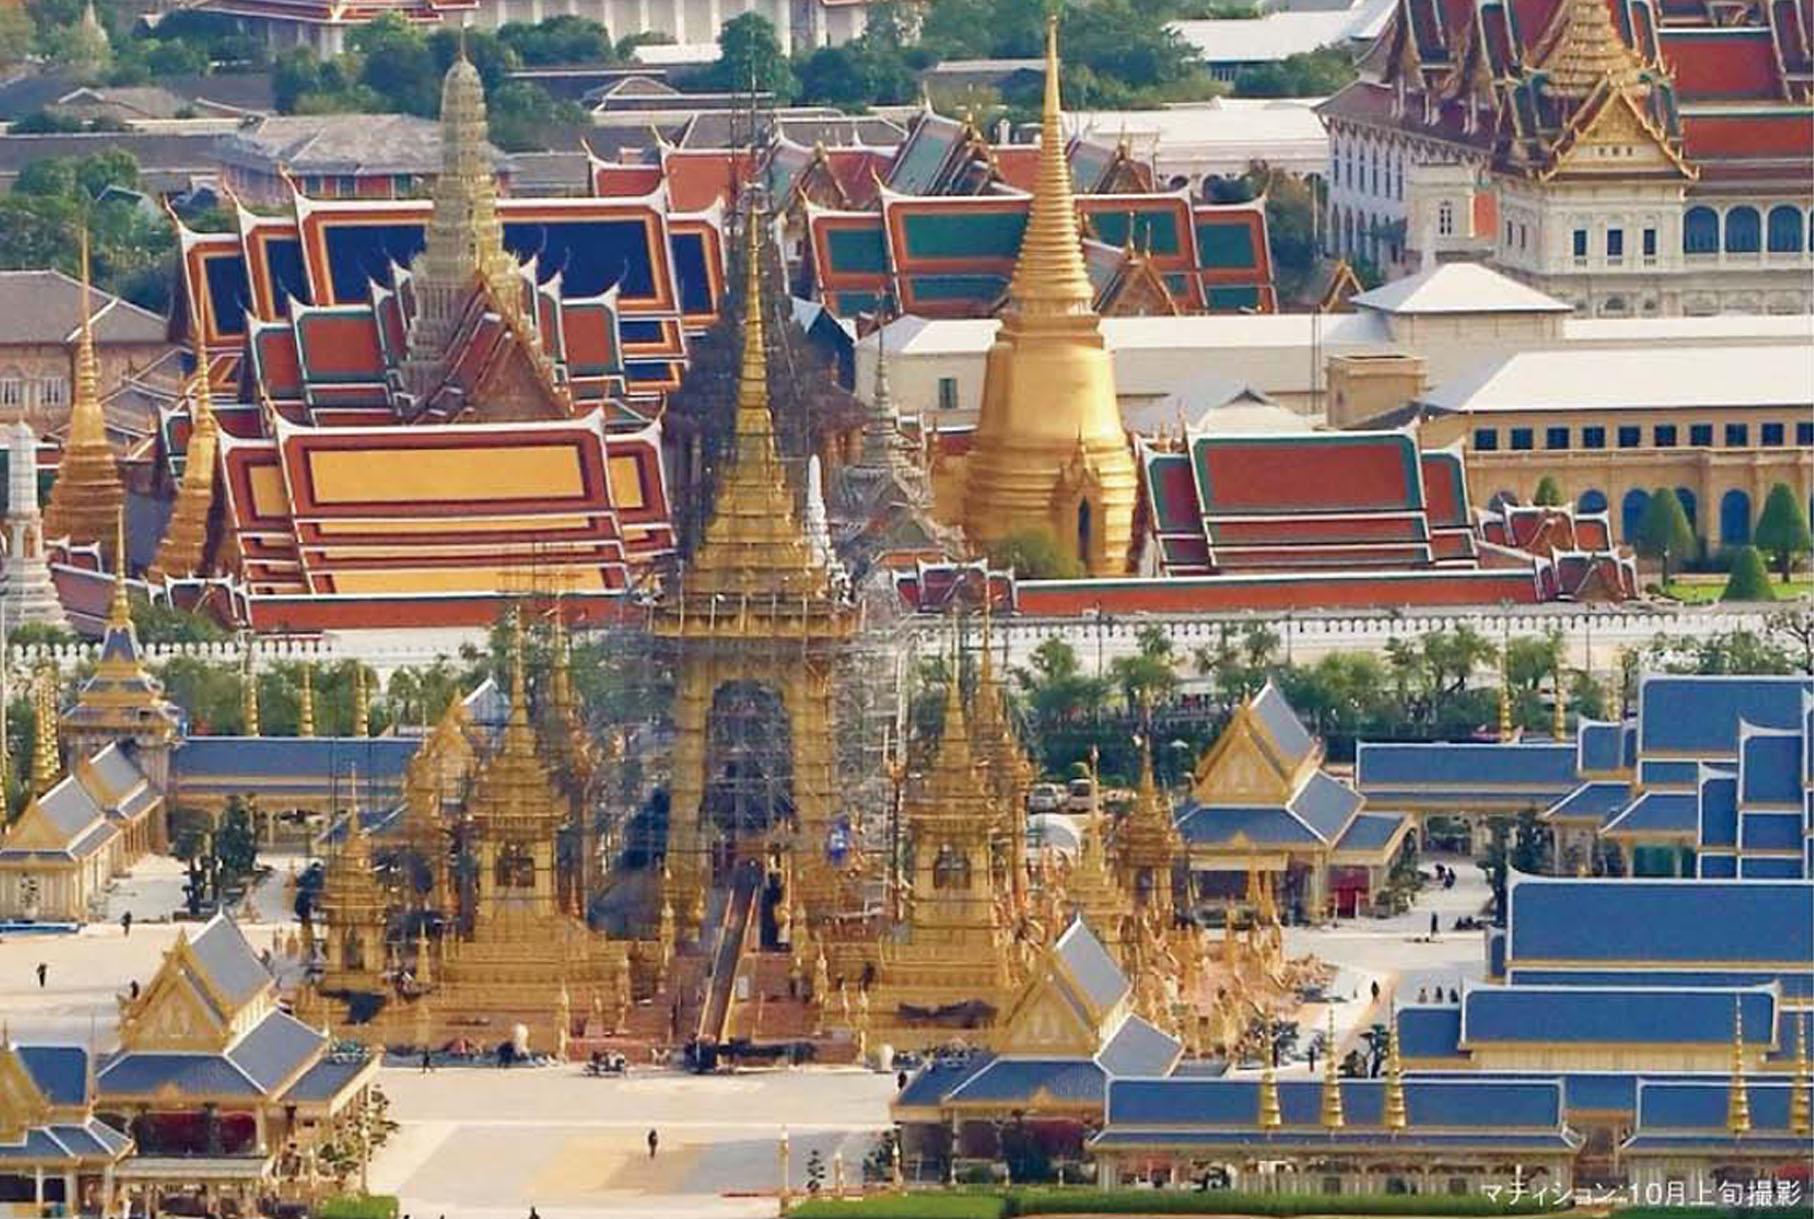 火葬式場 - ワイズデジタル【タイで生活する人のための情報サイト】